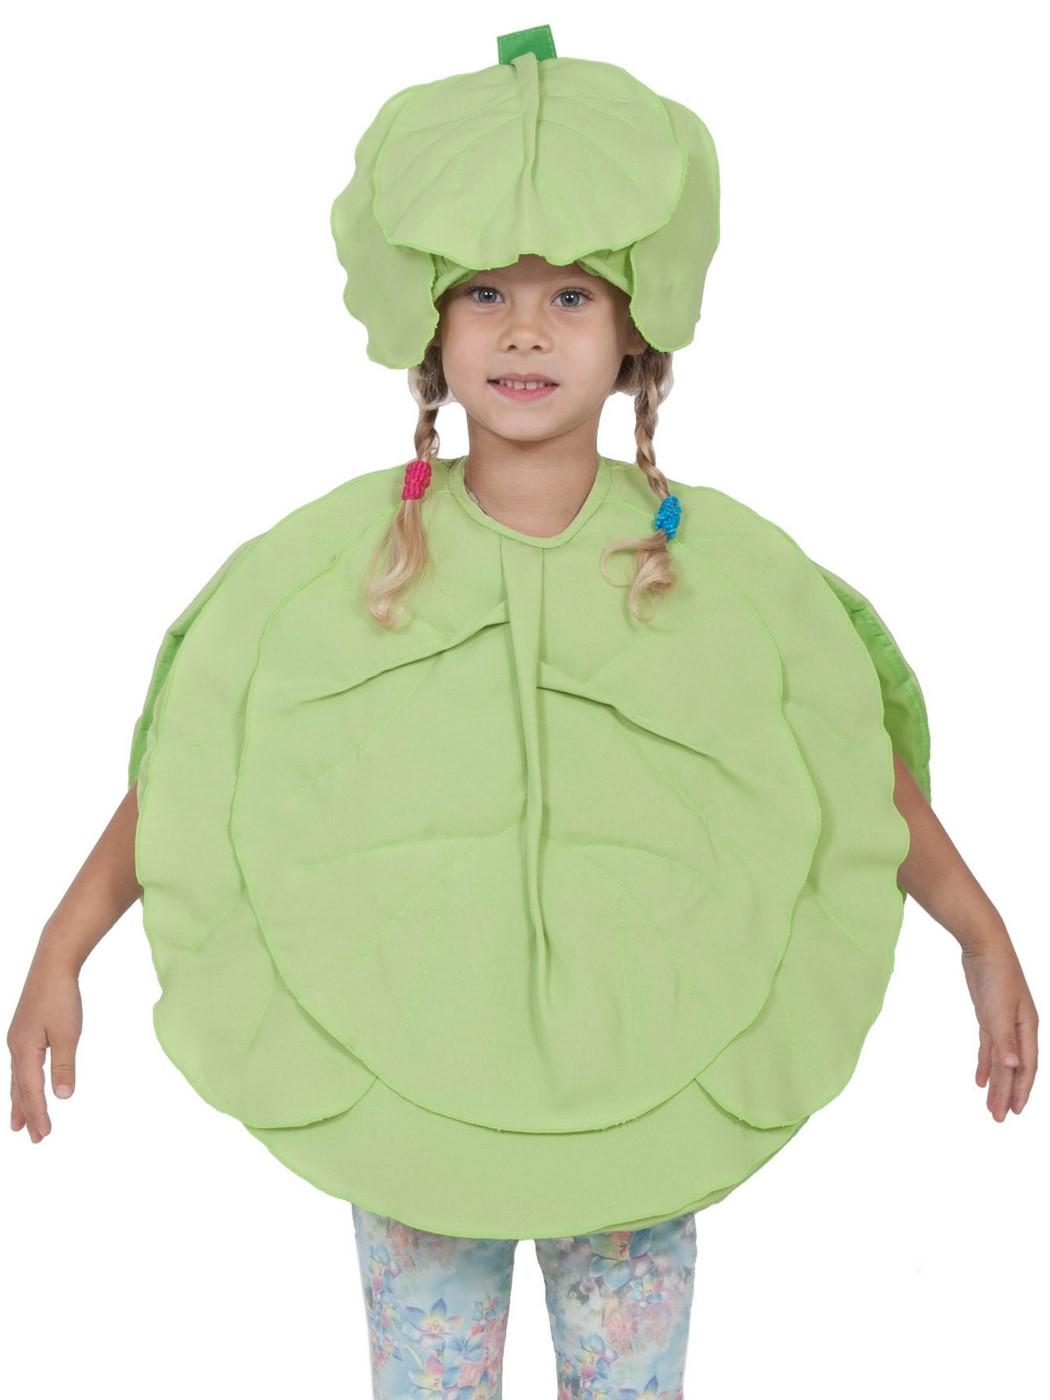 Карнавальный костюм Карнавалофф Овощ, цв. зеленый р.104